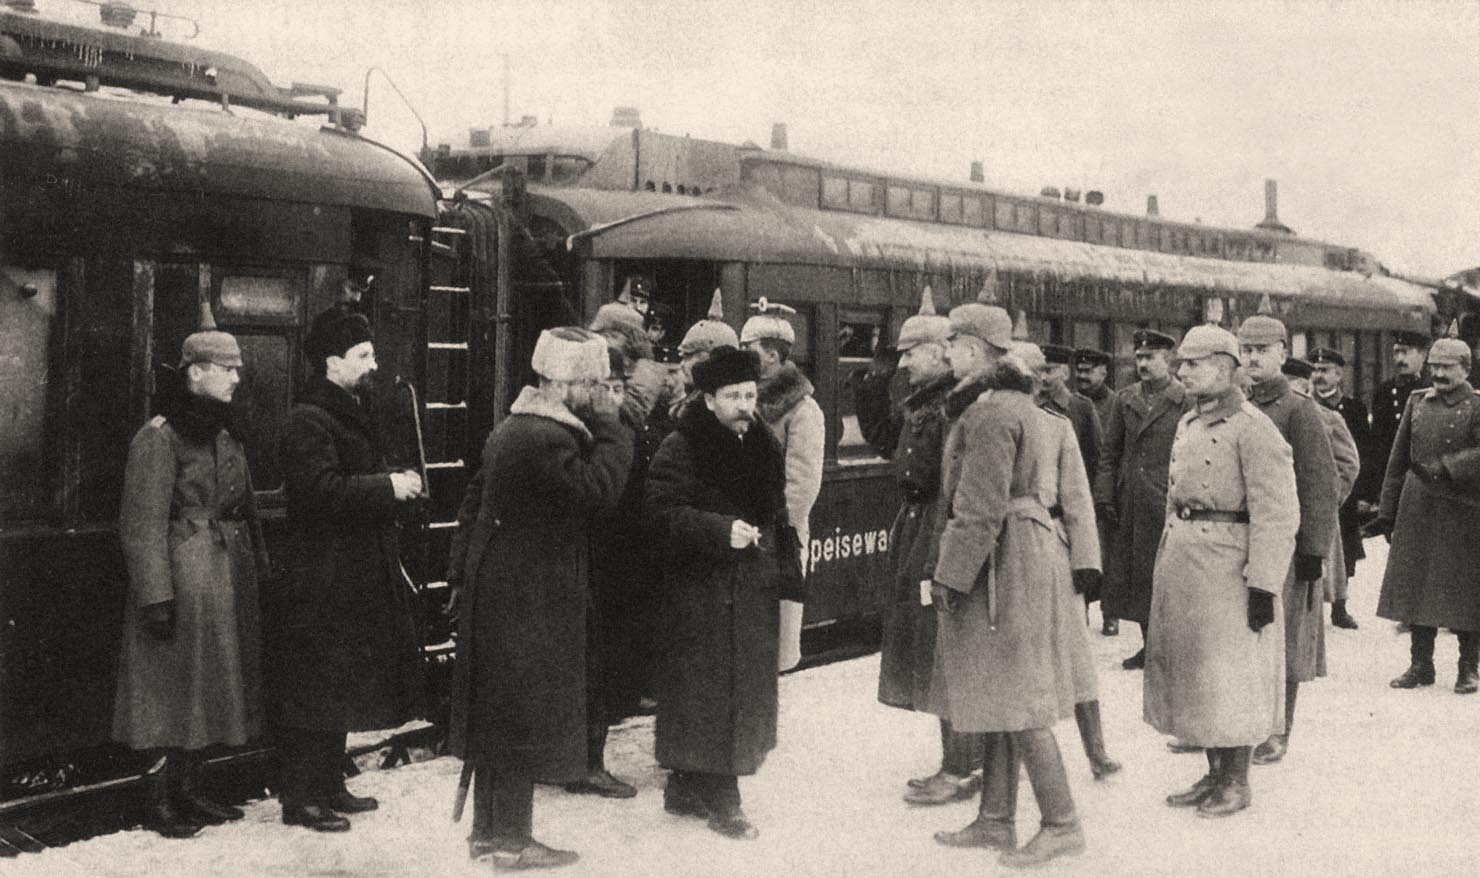 6Офицеры штаба Гинденбурга встречают на перроне Бреста прибывшую делегацию РСФСР в начале 1918 года